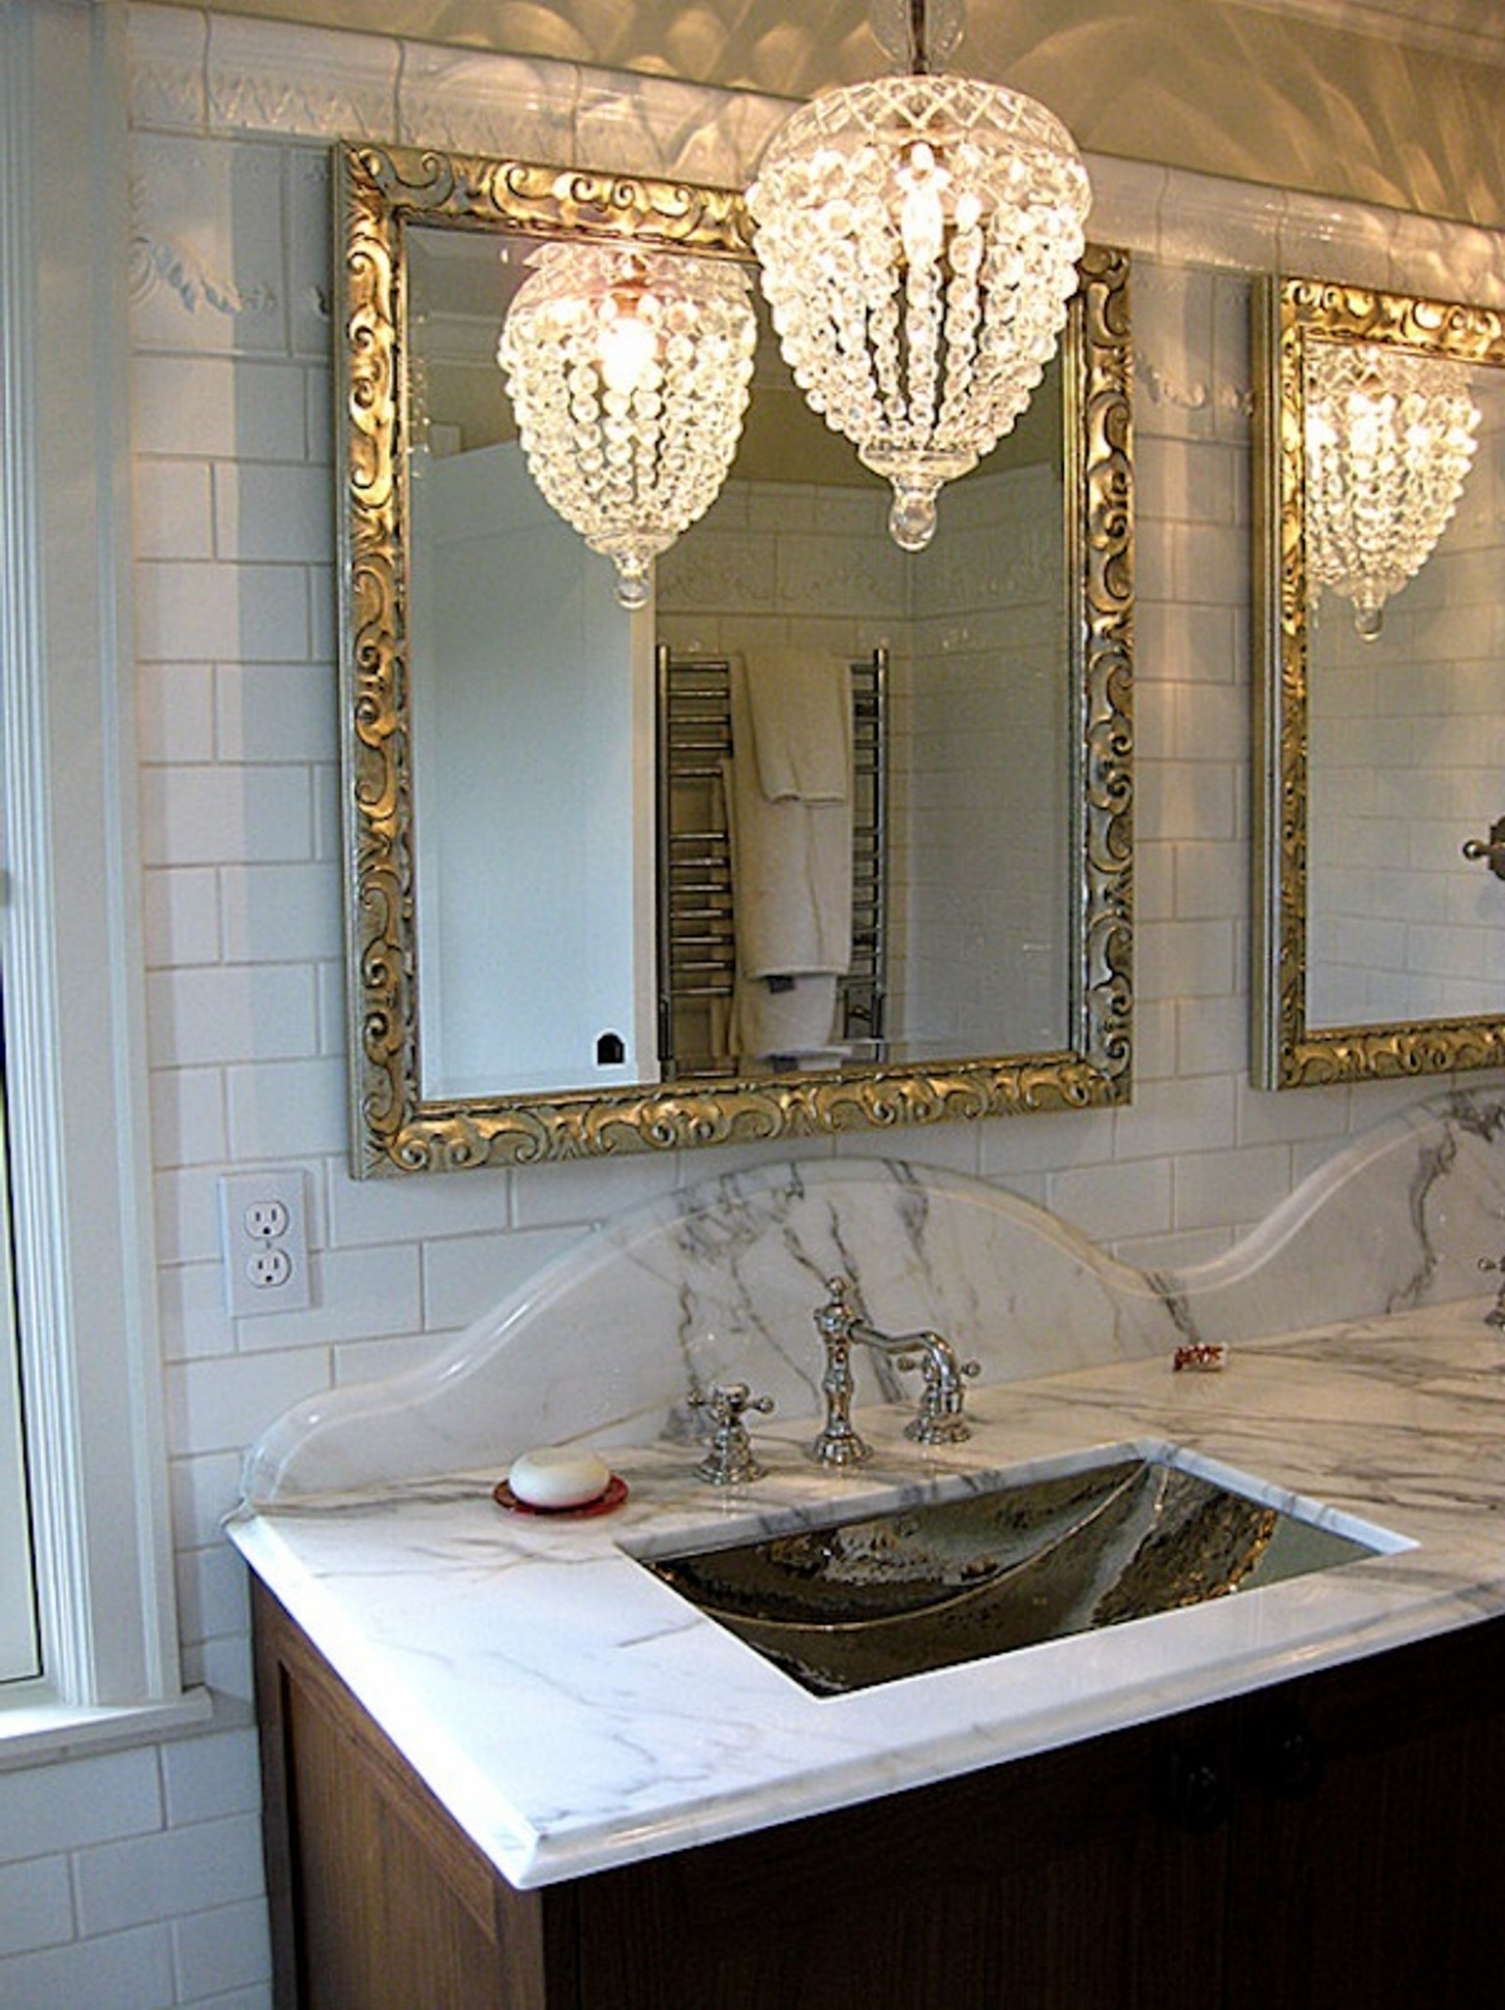 Chandelier ~ Bathrooms Design : Modern Bathroom Light Fixtures Home Regarding 2018 Modern Bathroom Chandelier Lighting (View 18 of 20)